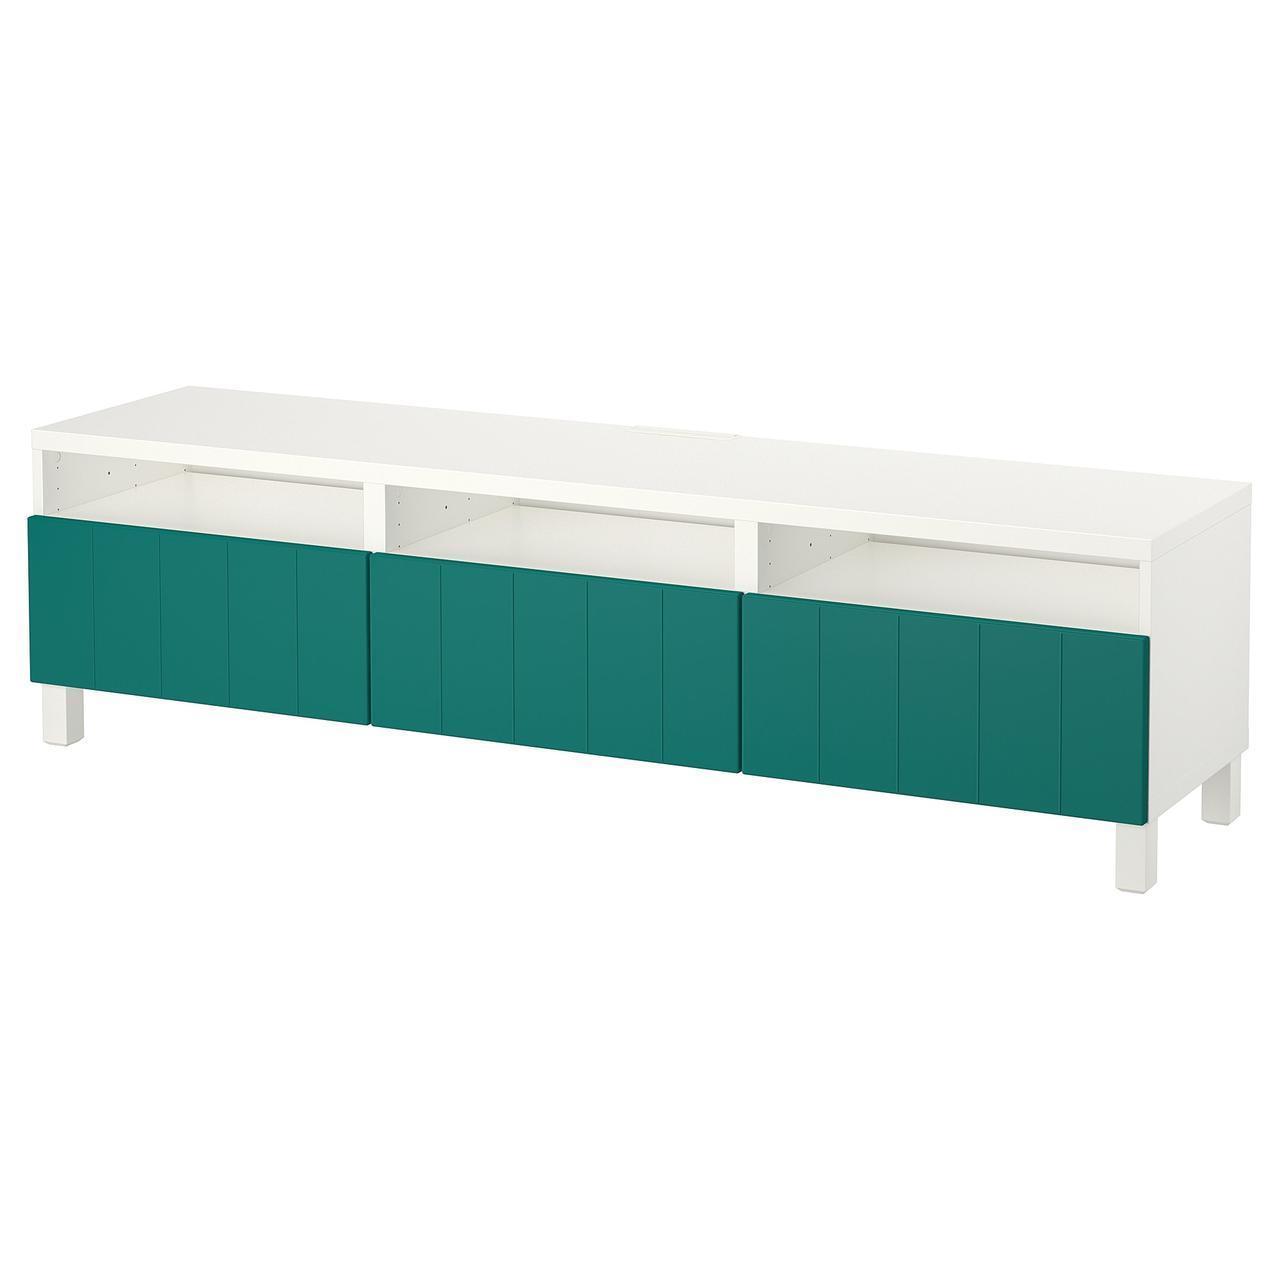 IKEA BESTA Тумба під телевізор з ящиками, білий, Hallstavik синій/зелений (892.057.86)